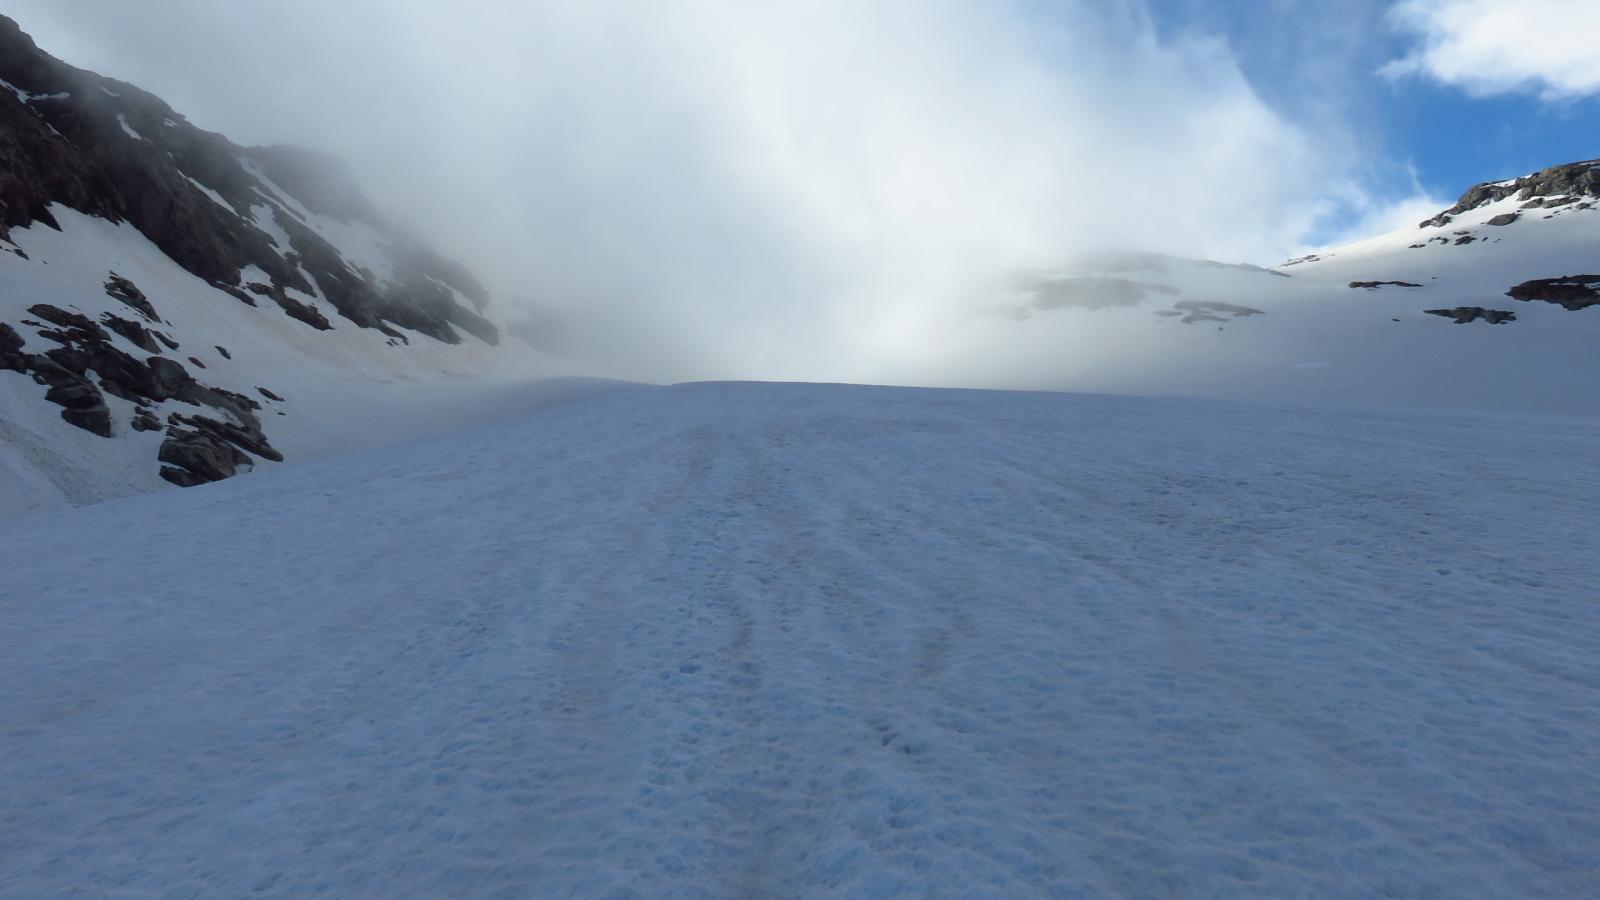 salendo verso il Passo delle Disgrazie e verso....la nebbia!